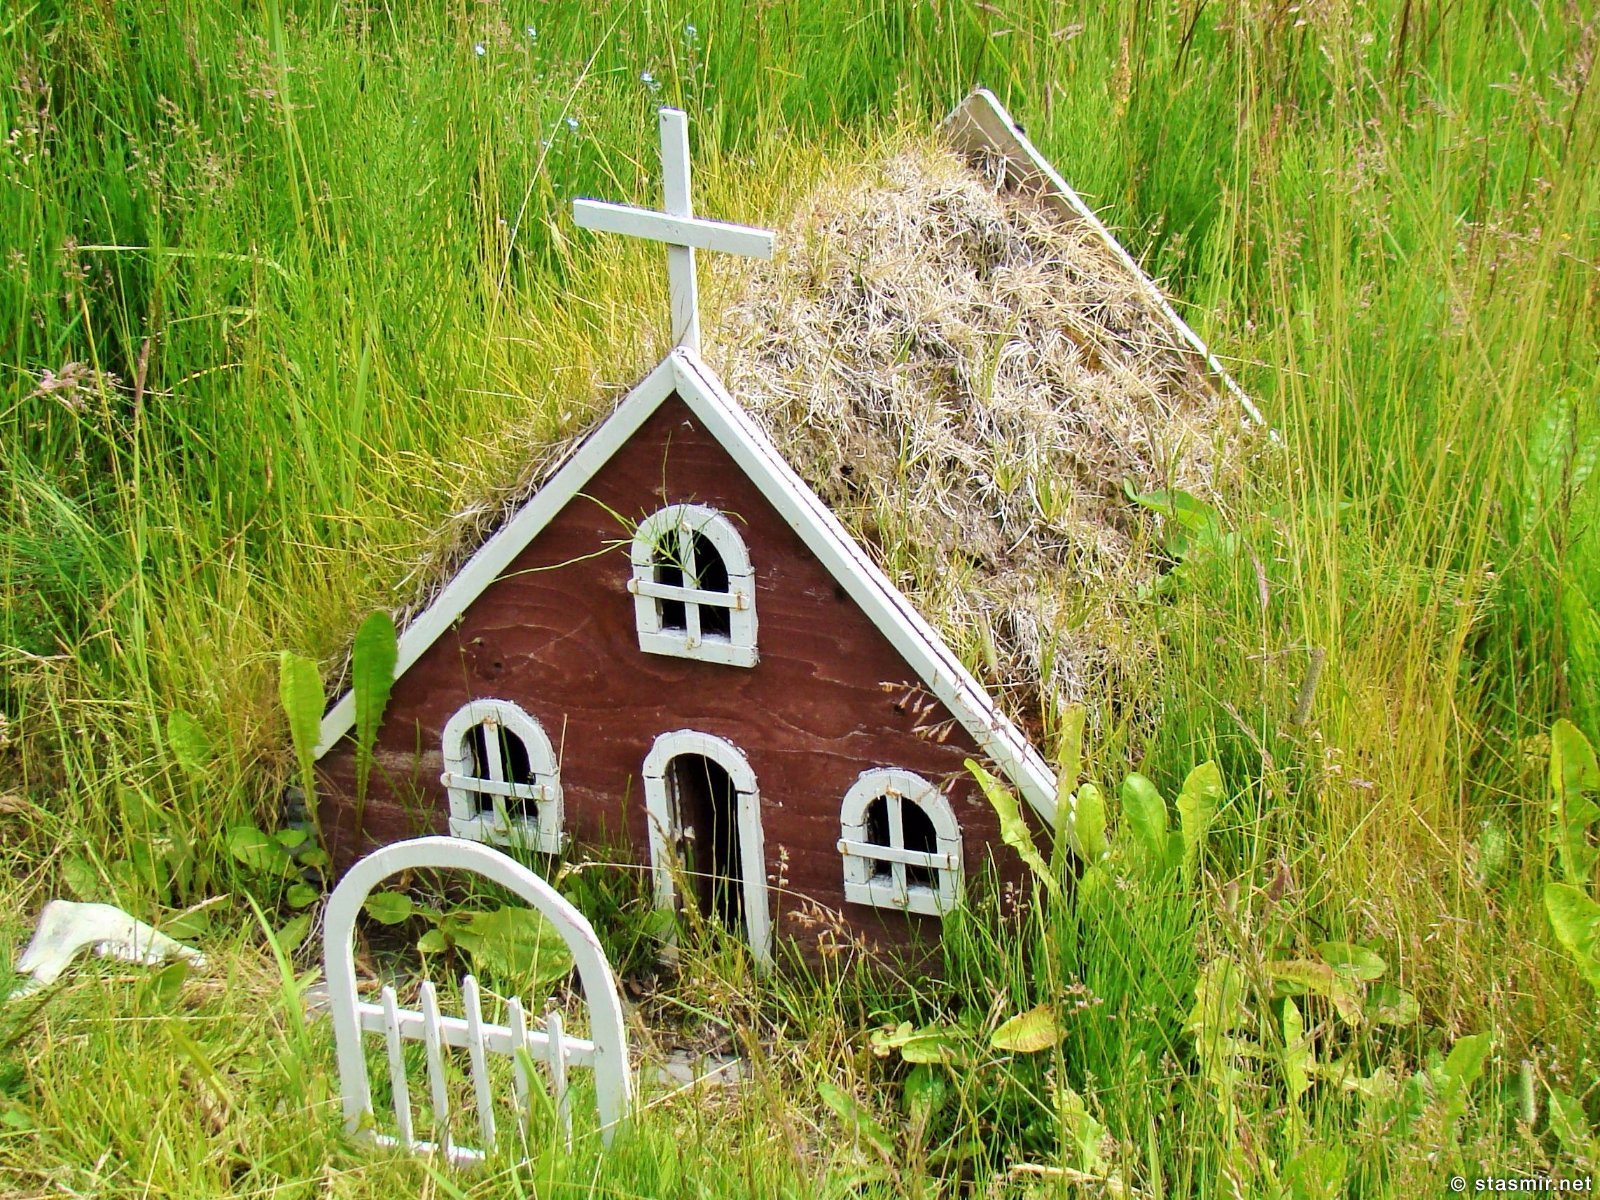 домик для эльфов в краеведческом музее Скоугар, фото Стасмир, Photo Stasmir